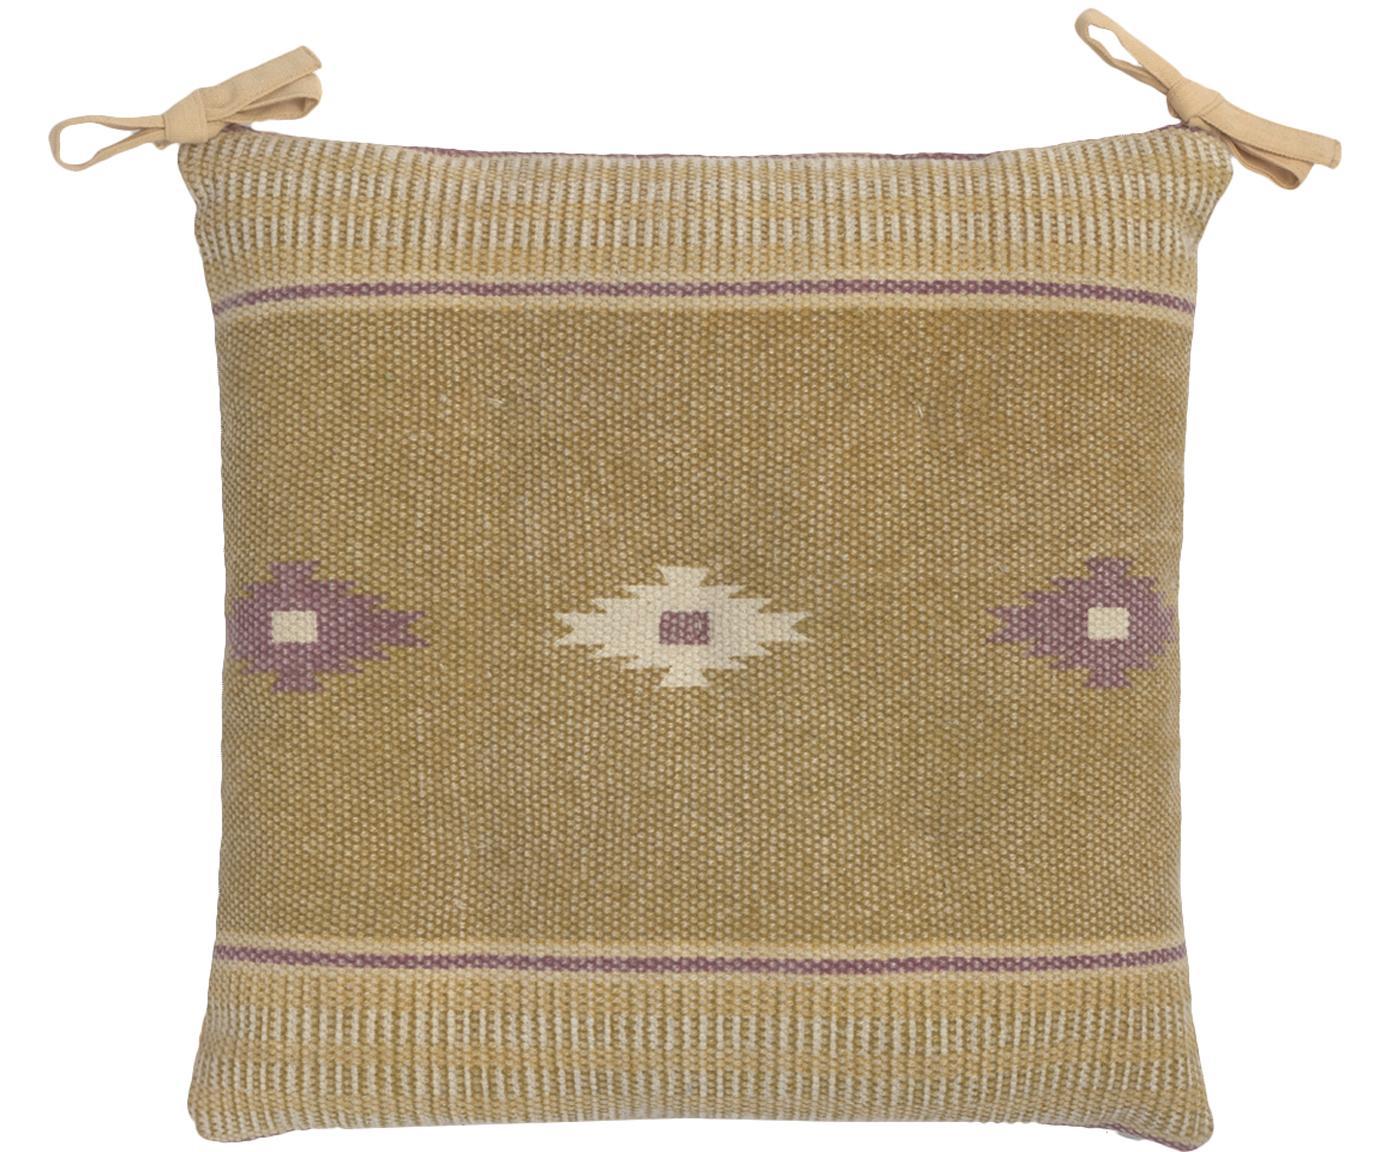 Nakładka na siedzisko etno Kamel, Musztardowy, beżowy, lila, niebieski, S 40 x D 40 cm